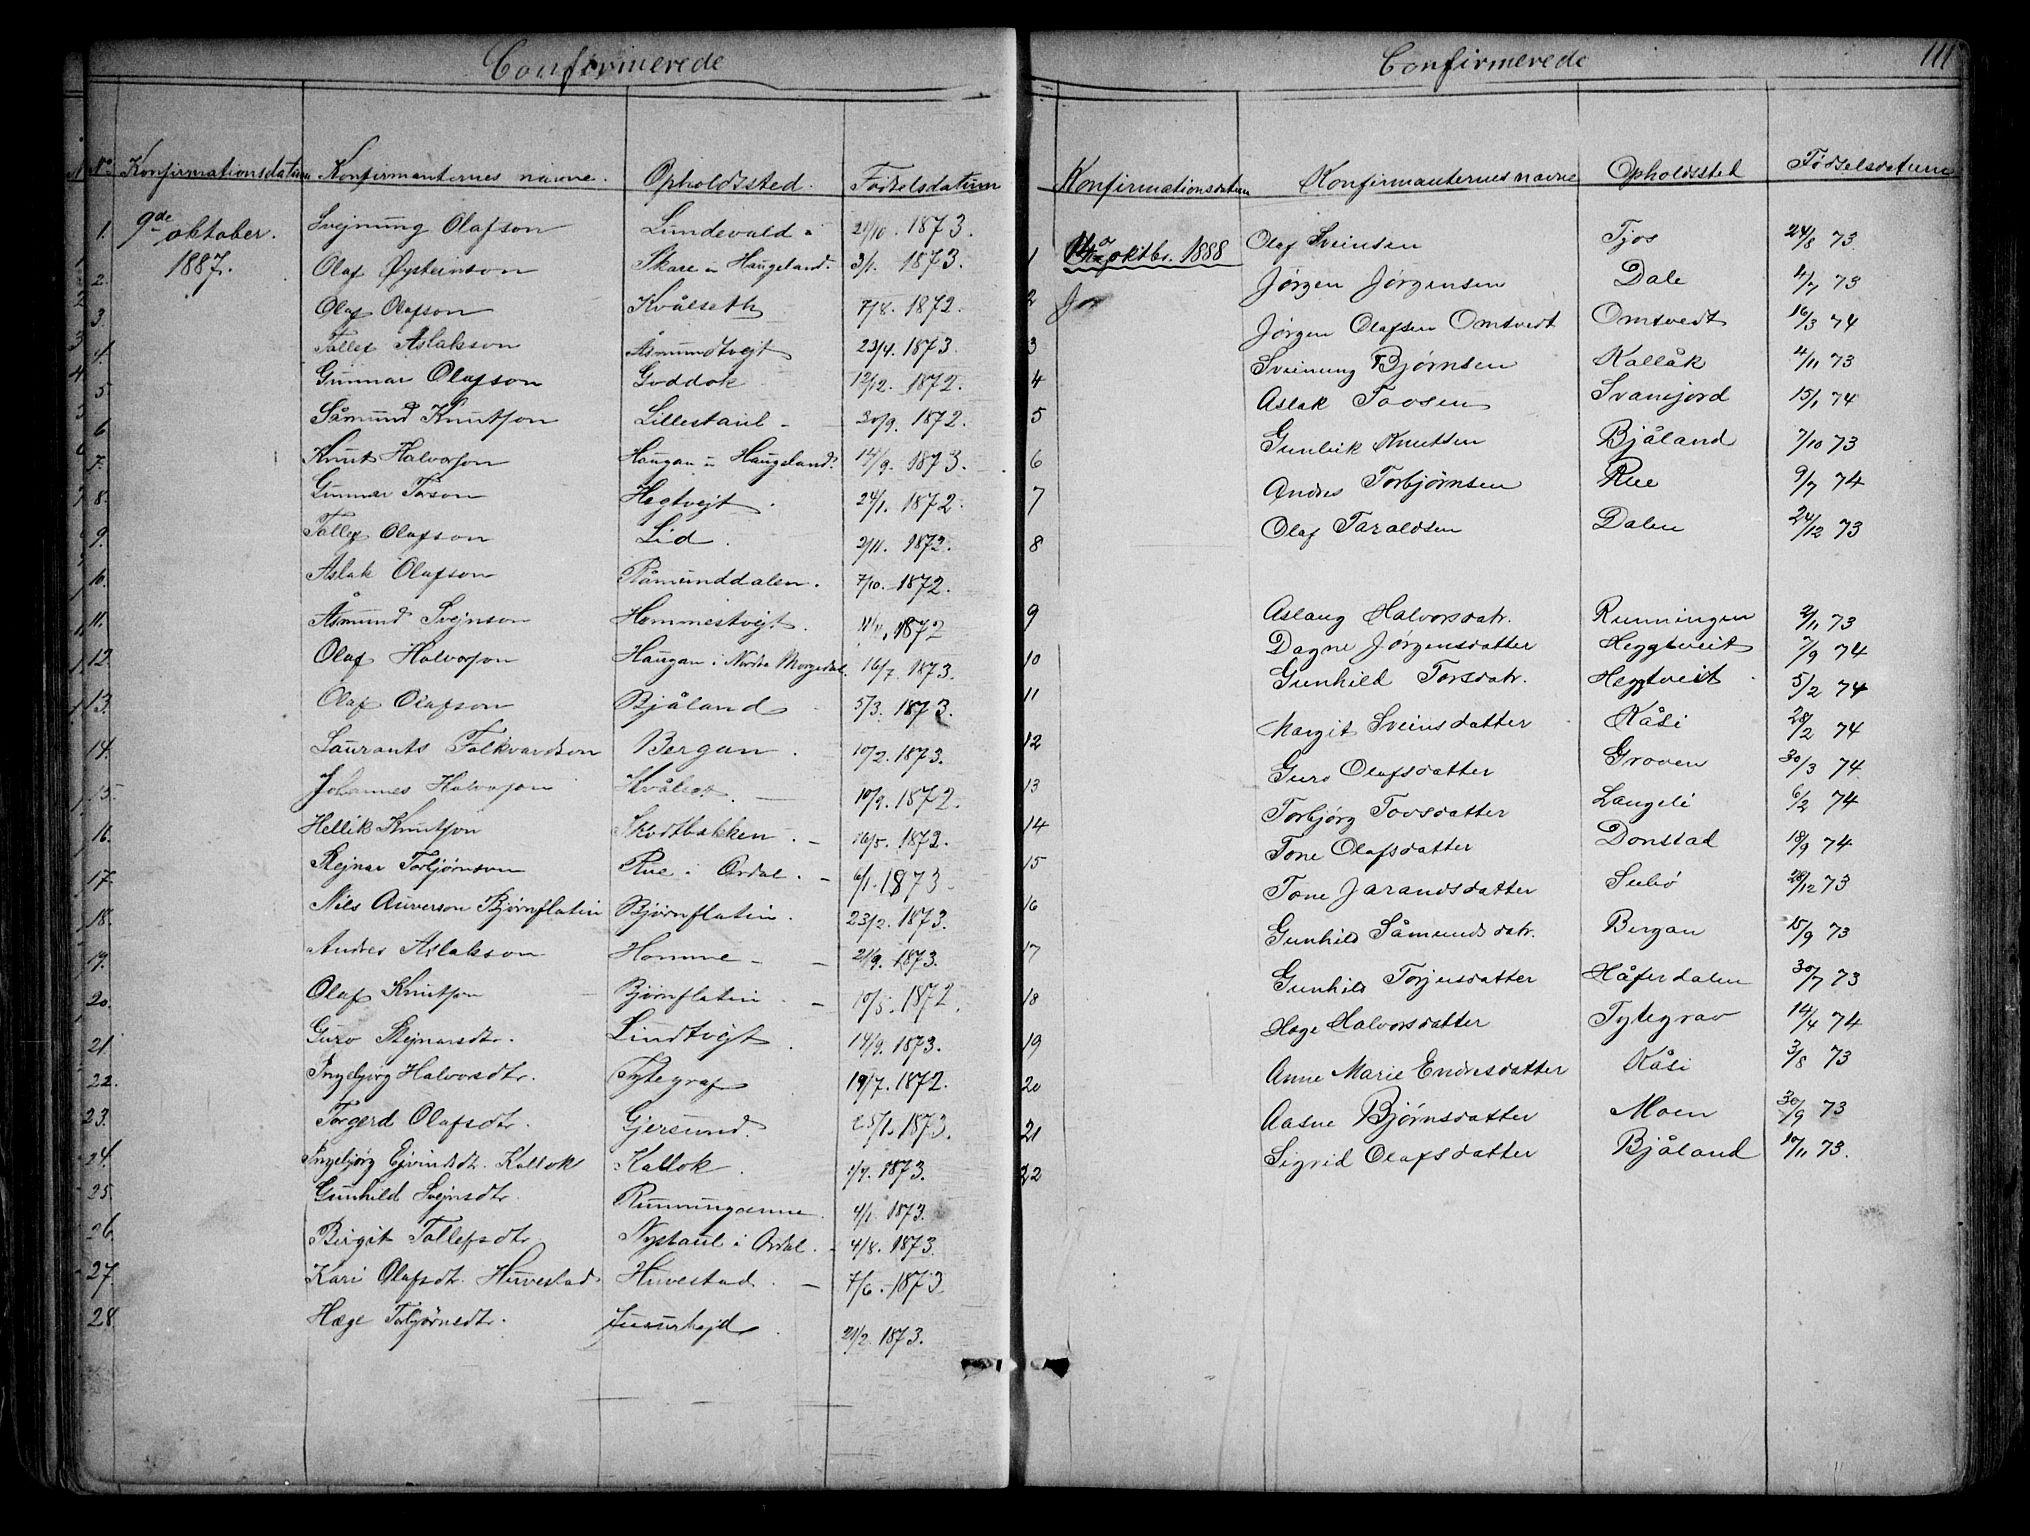 SAKO, Kviteseid kirkebøker, G/Gb/L0002: Klokkerbok nr. II 2, 1850-1892, s. 111